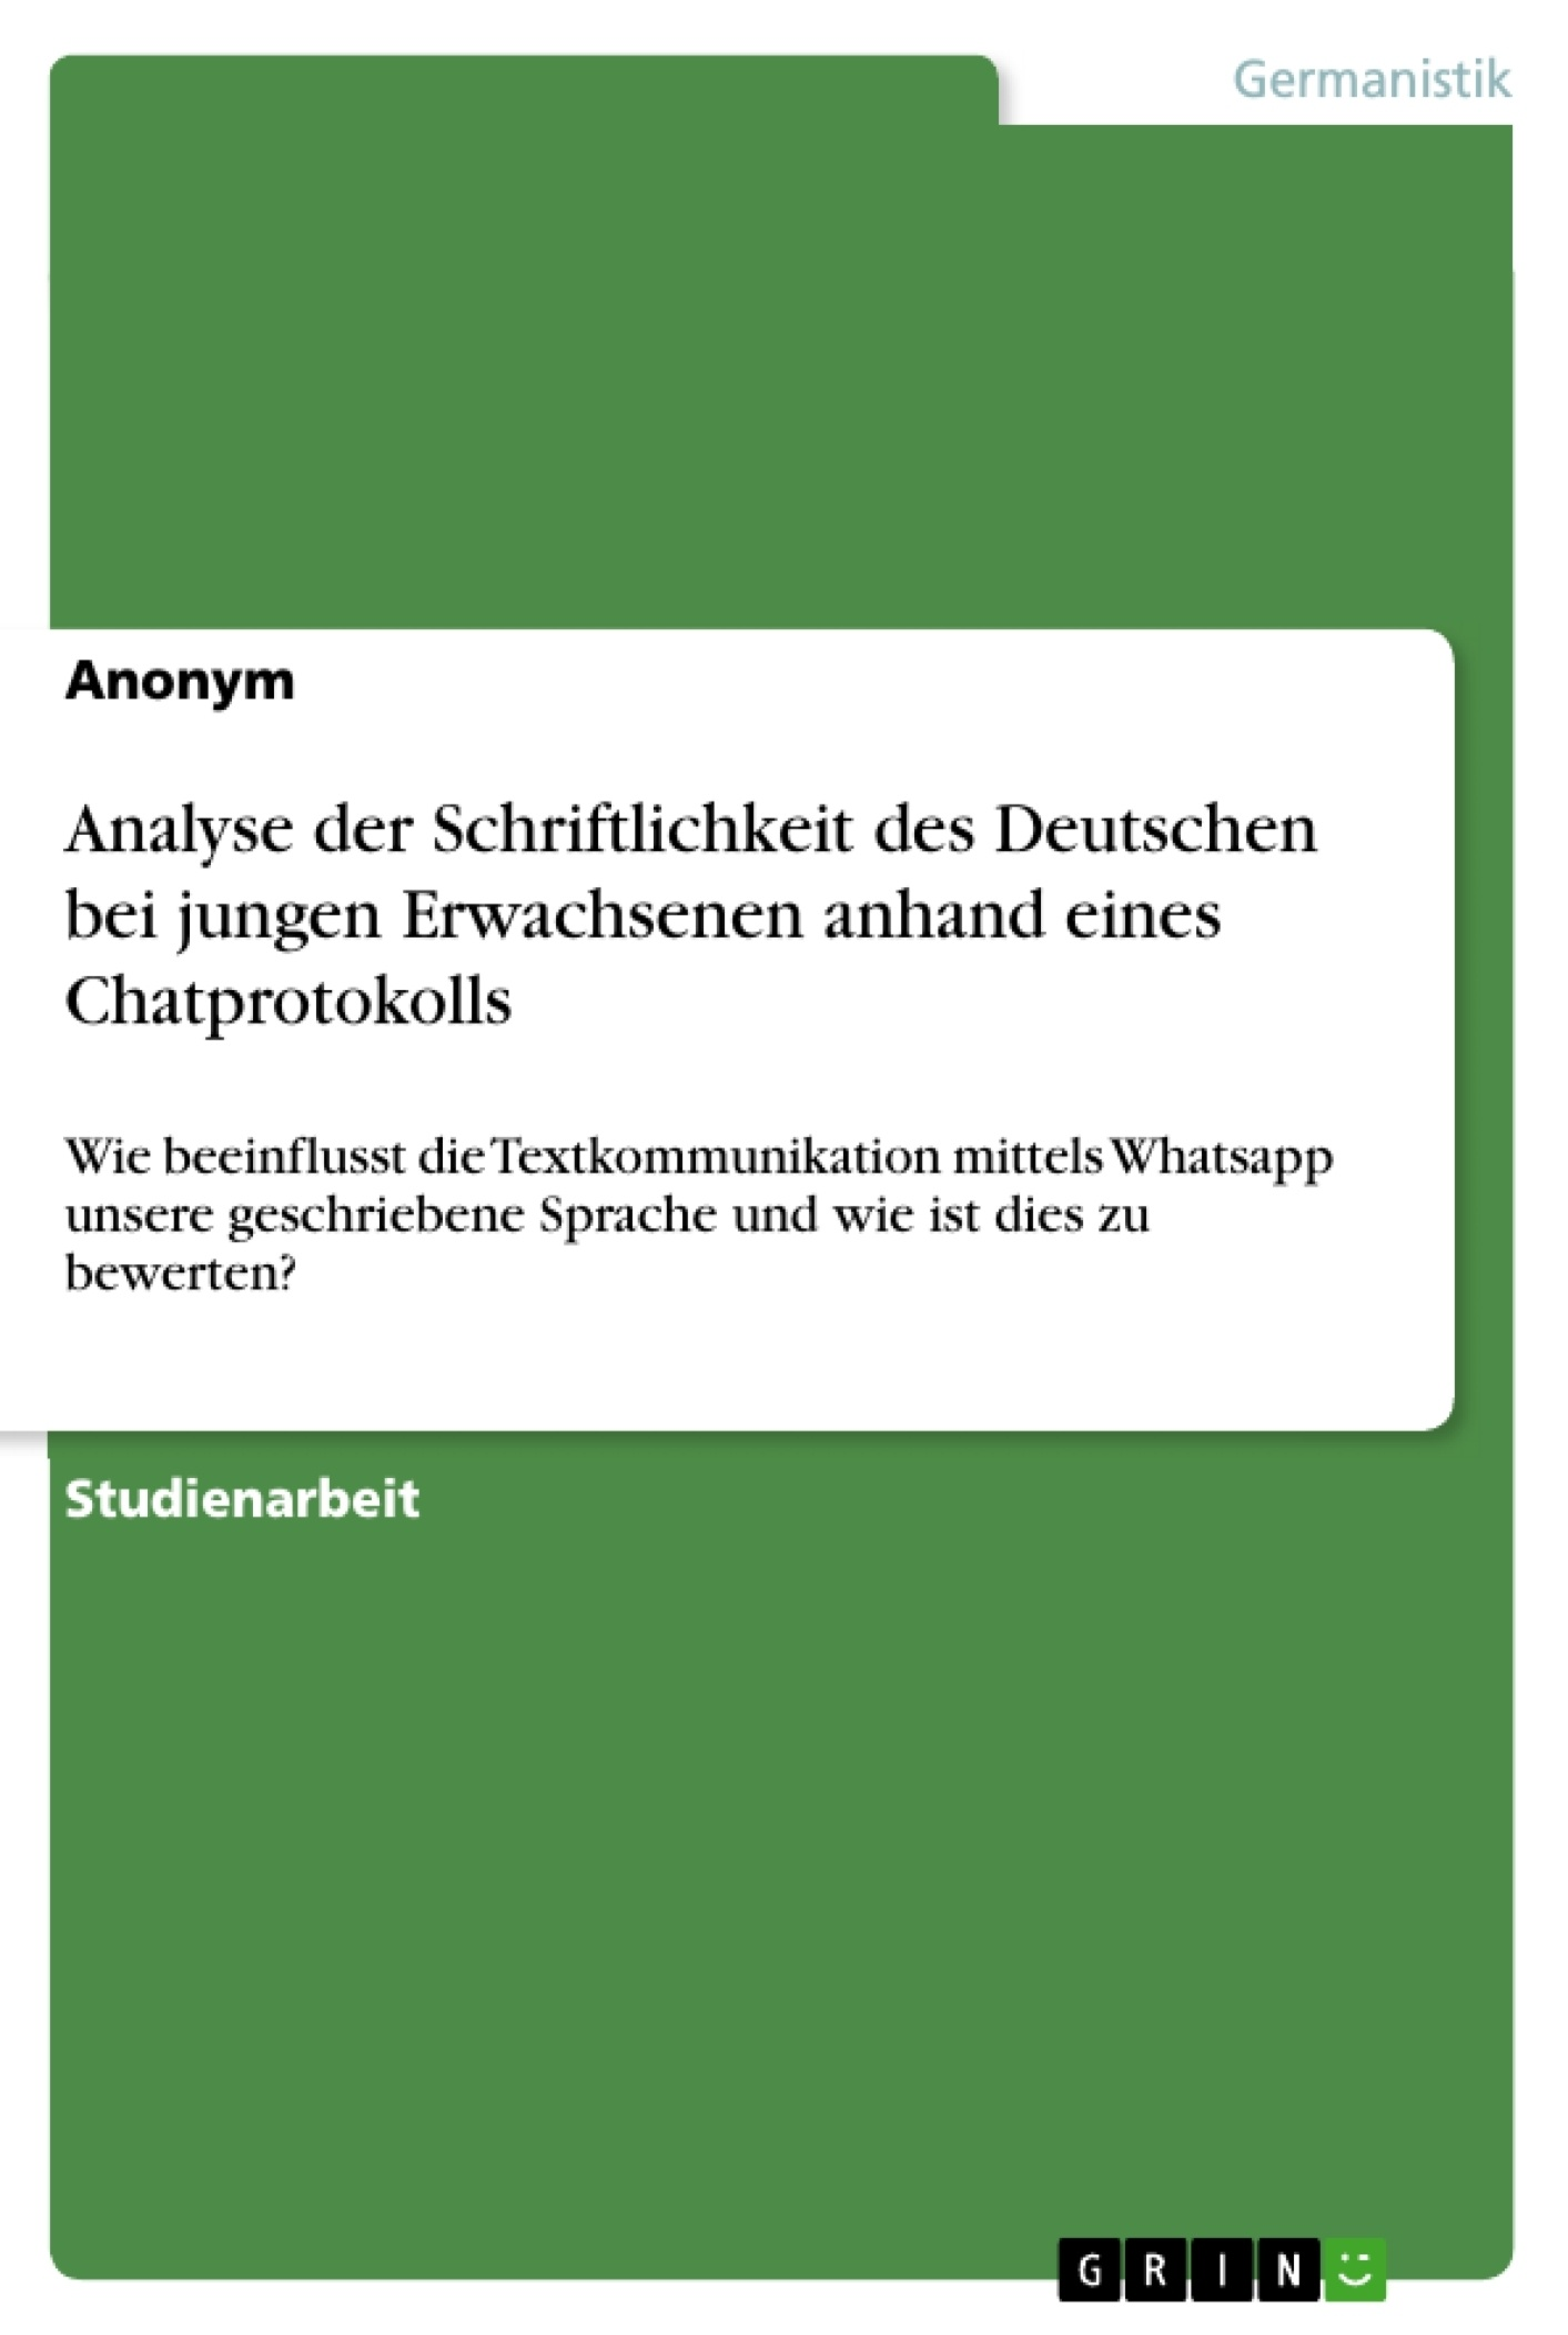 Titel: Analyse der Schriftlichkeit des Deutschen bei jungen Erwachsenen anhand eines Chatprotokolls